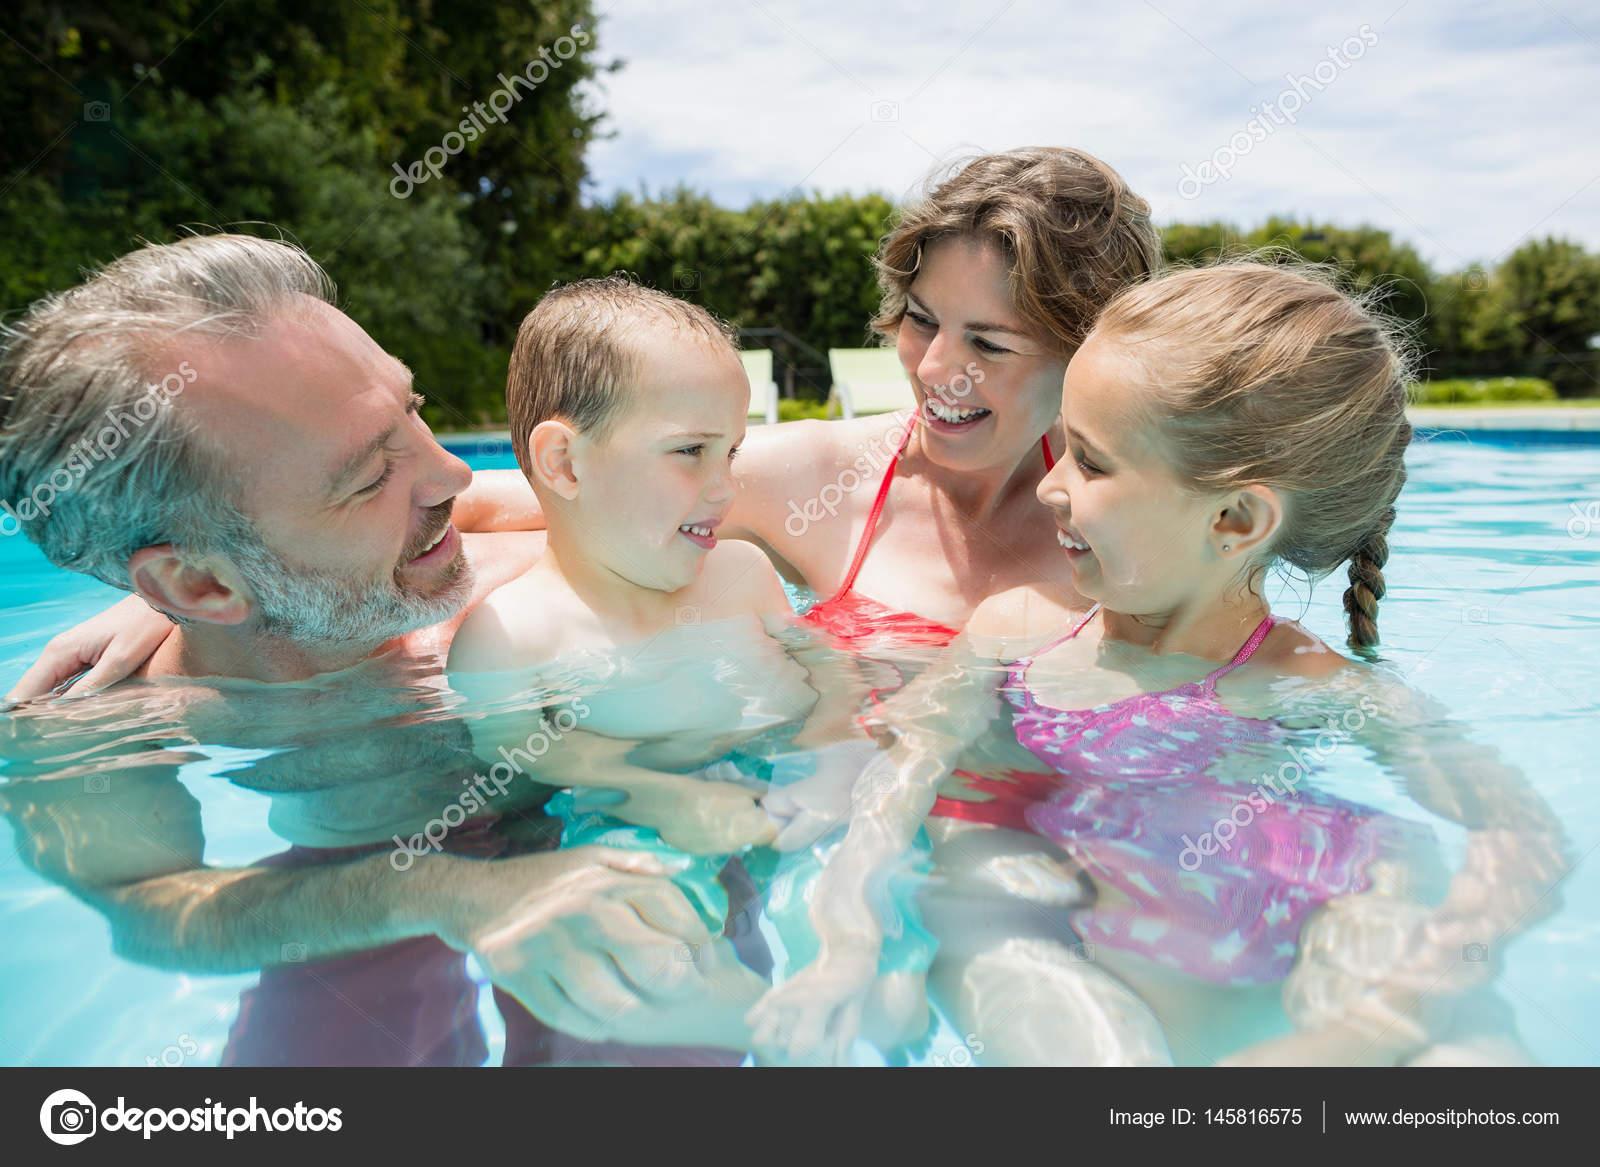 Los padres y los ni os divirti ndose en la piscina foto for Fotos en la piscina